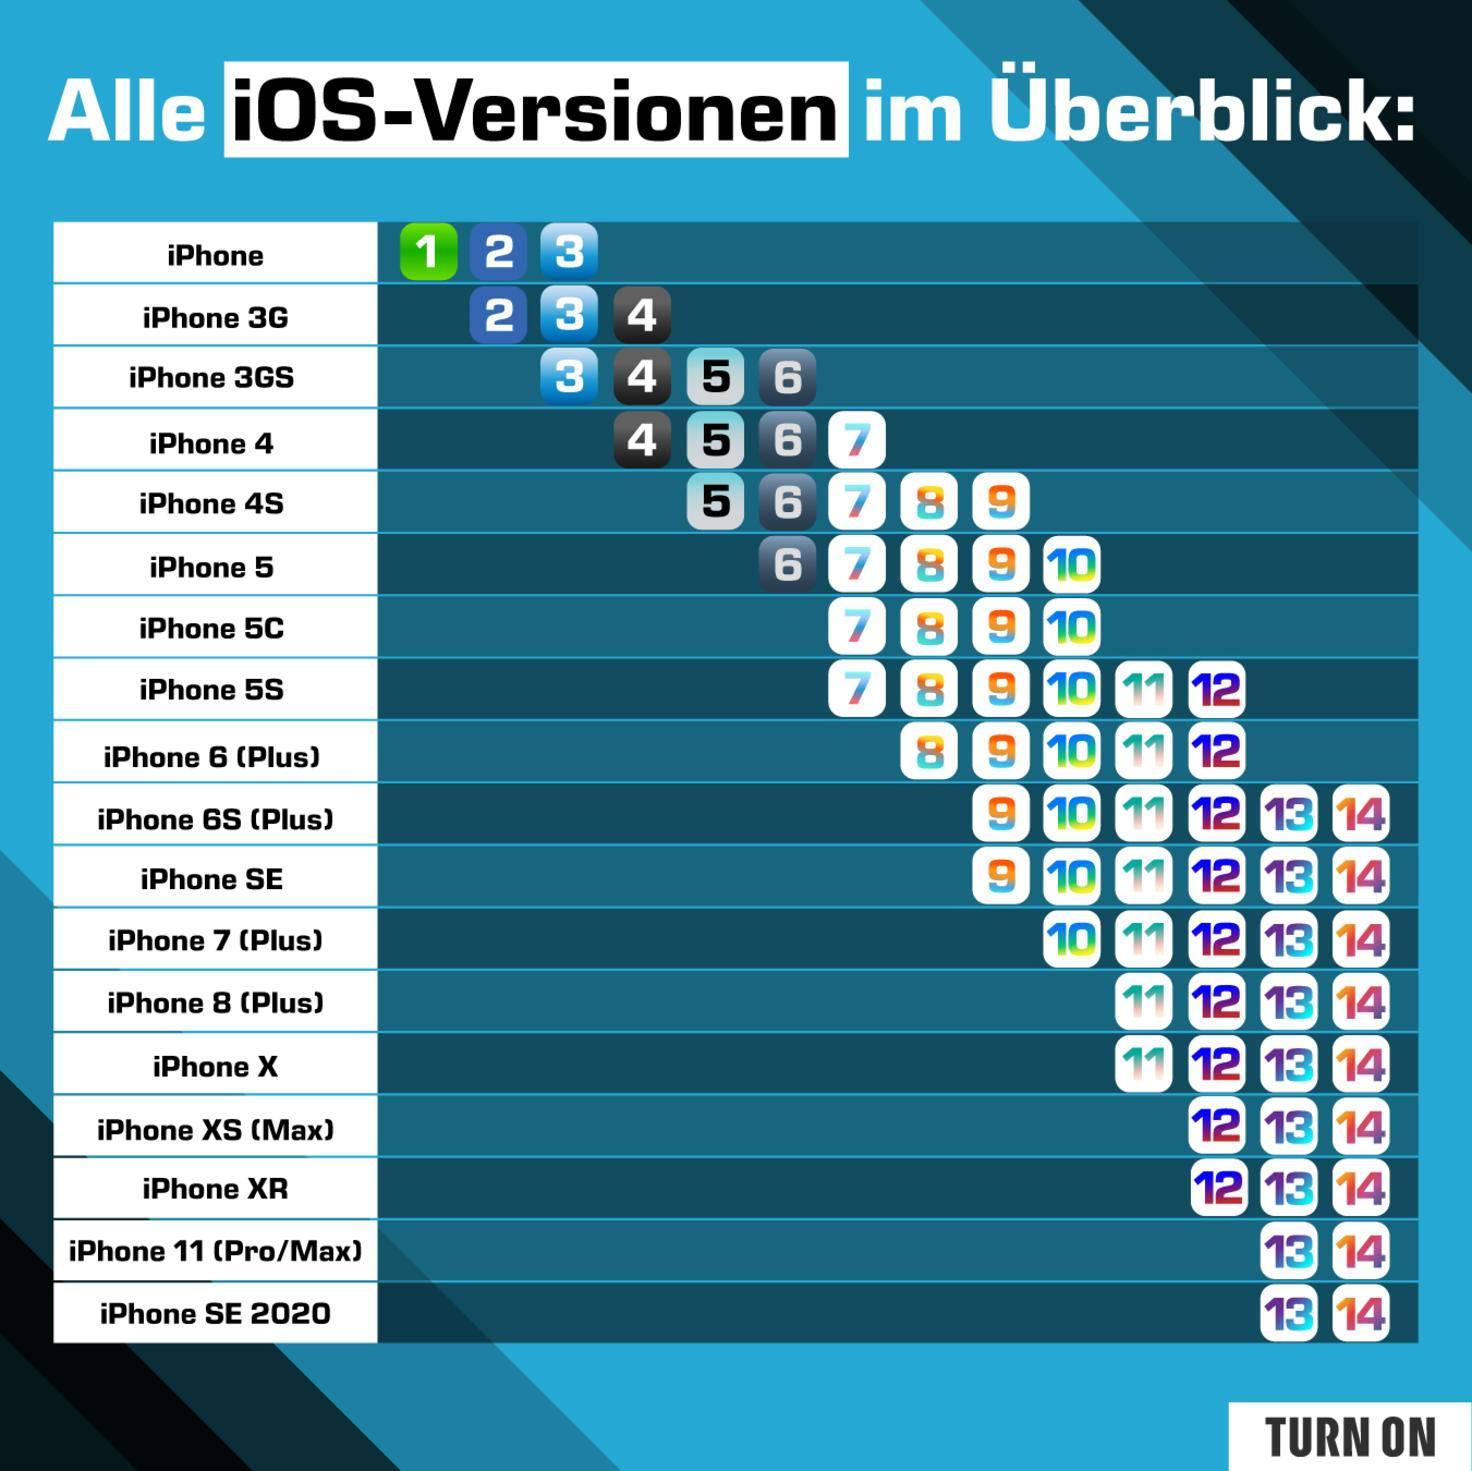 iOS 1 bis iOS 14